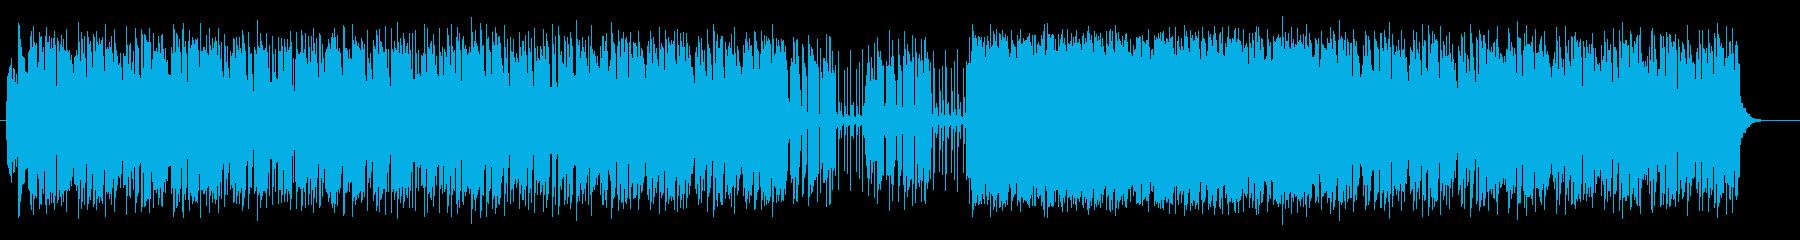 キラキラ感と楽しげなシンセサウンドの再生済みの波形